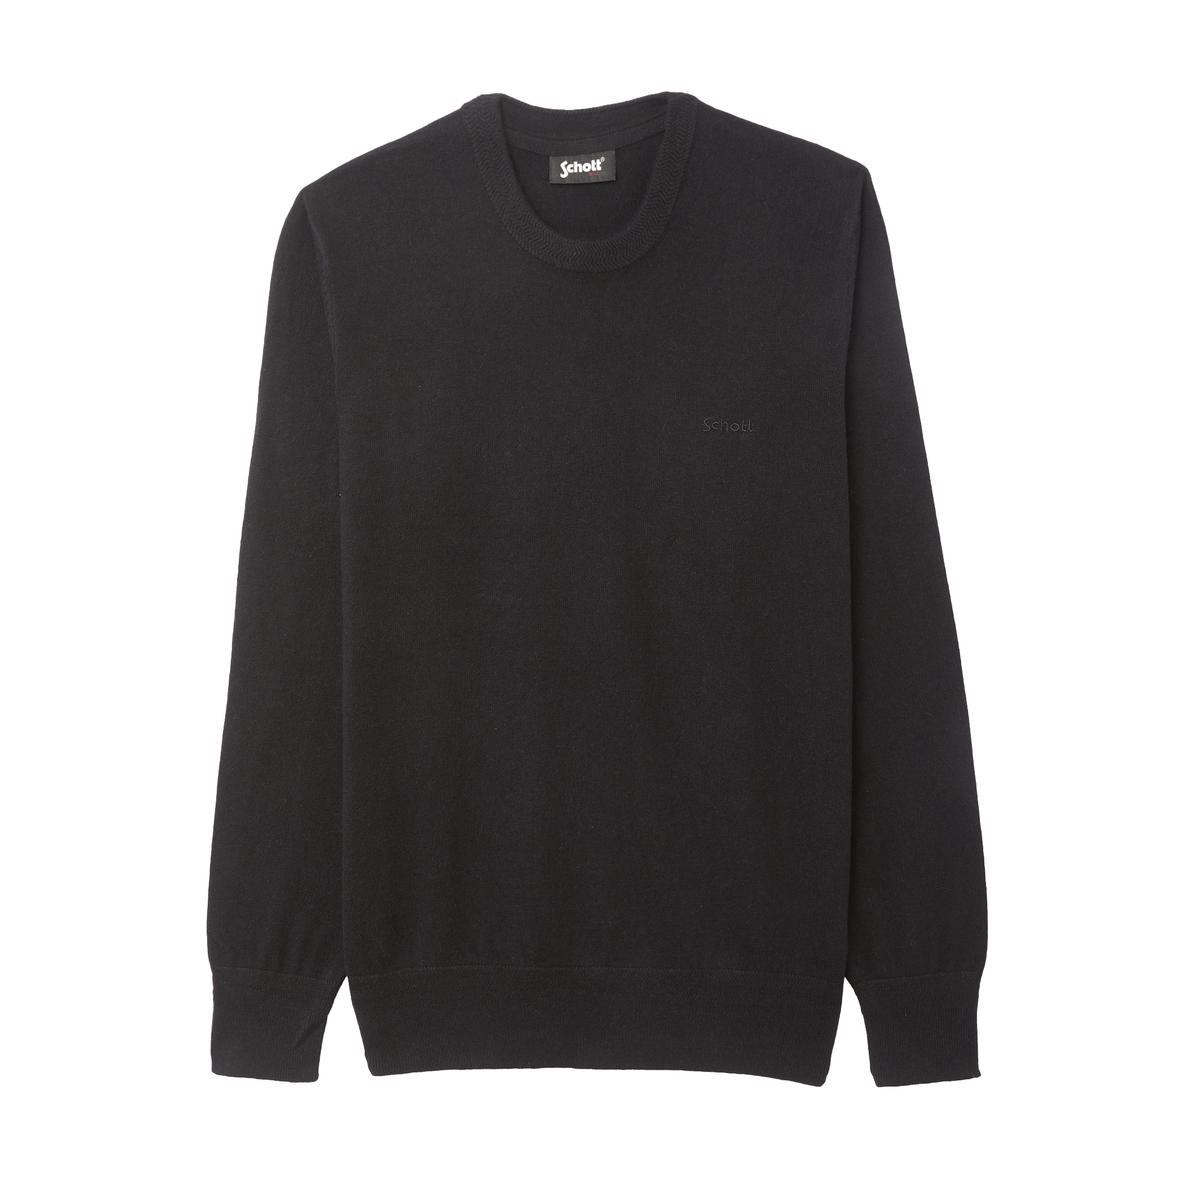 Пуловер La Redoute Из хлопка и шерсти Pl Beal S черный